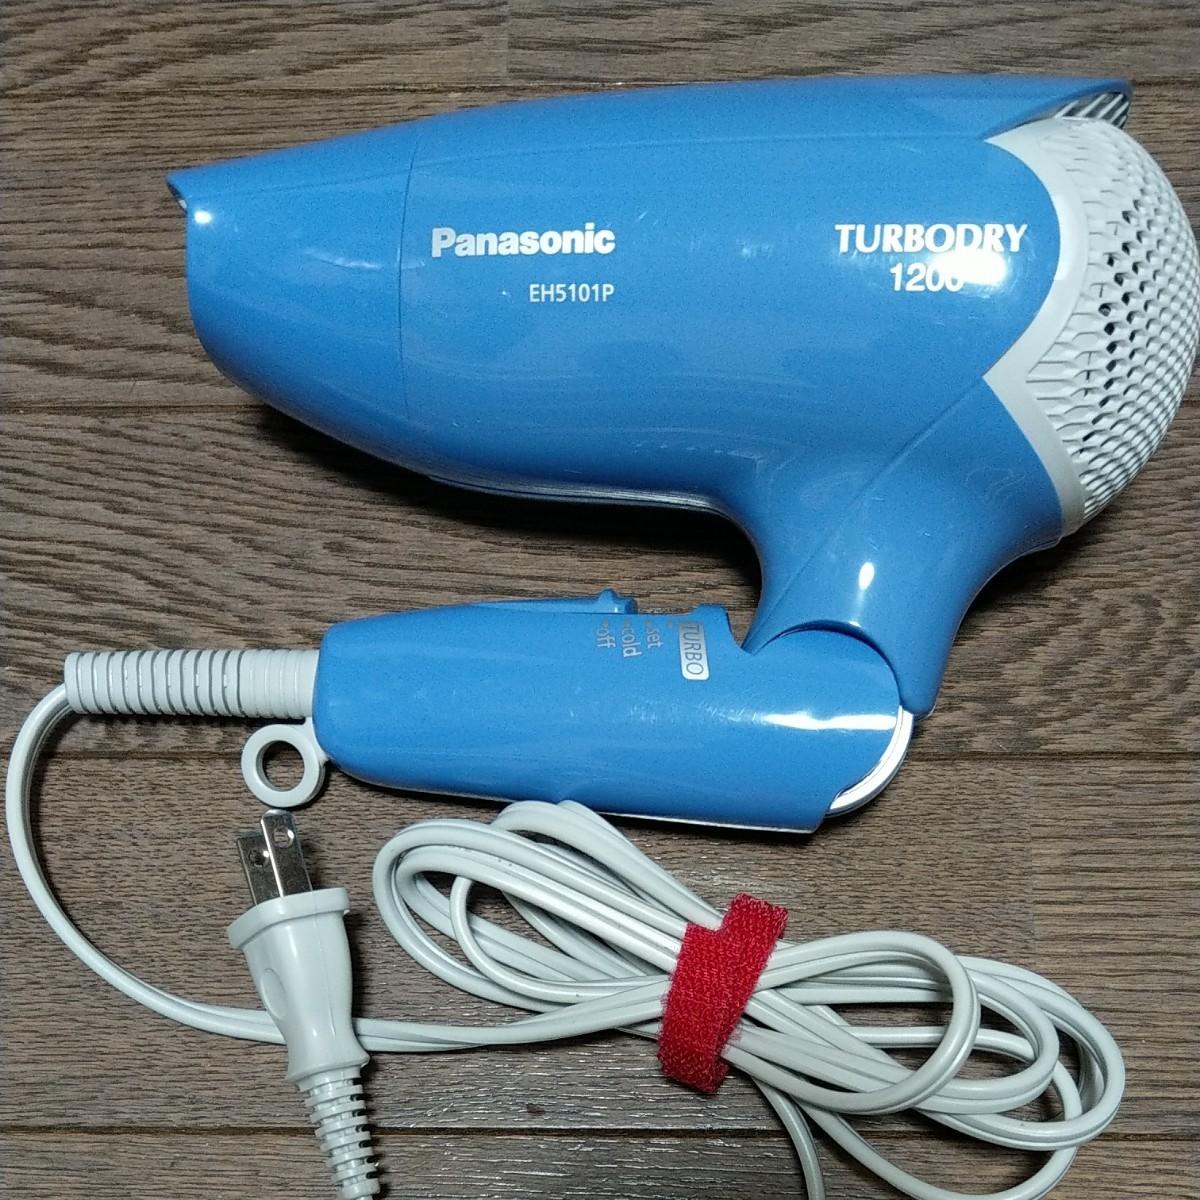 Panasonic パナソニック ヘアドライヤー マイナスイオン EH5101P